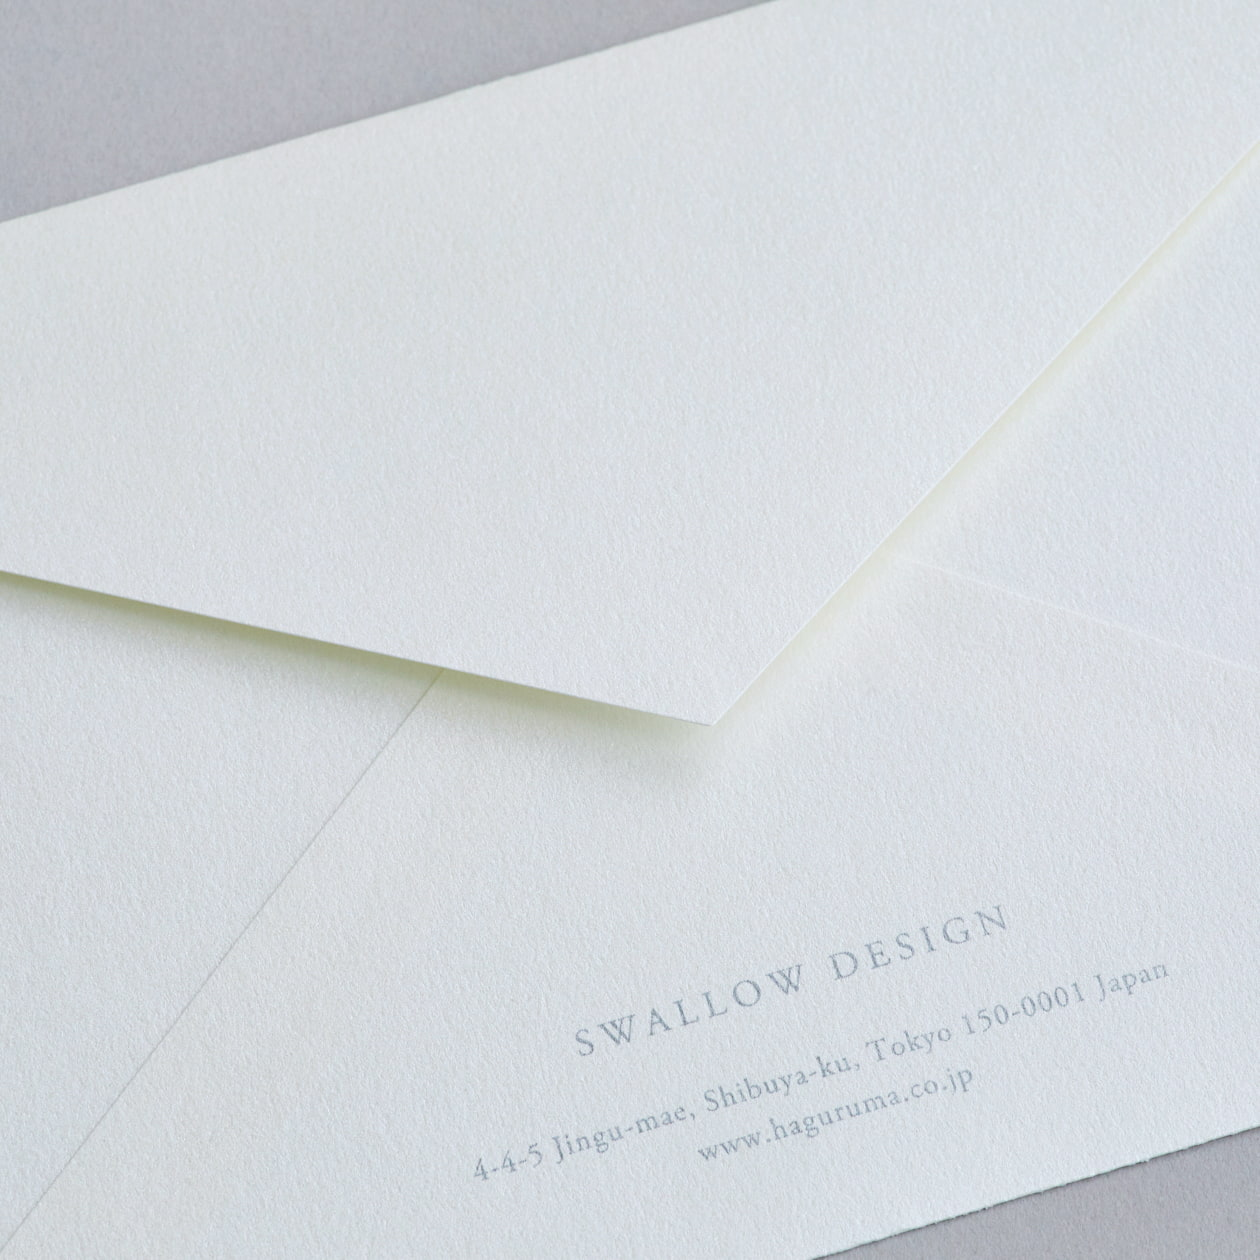 コットンの素材感とシルバーの雪模様が上品な二つ折カード